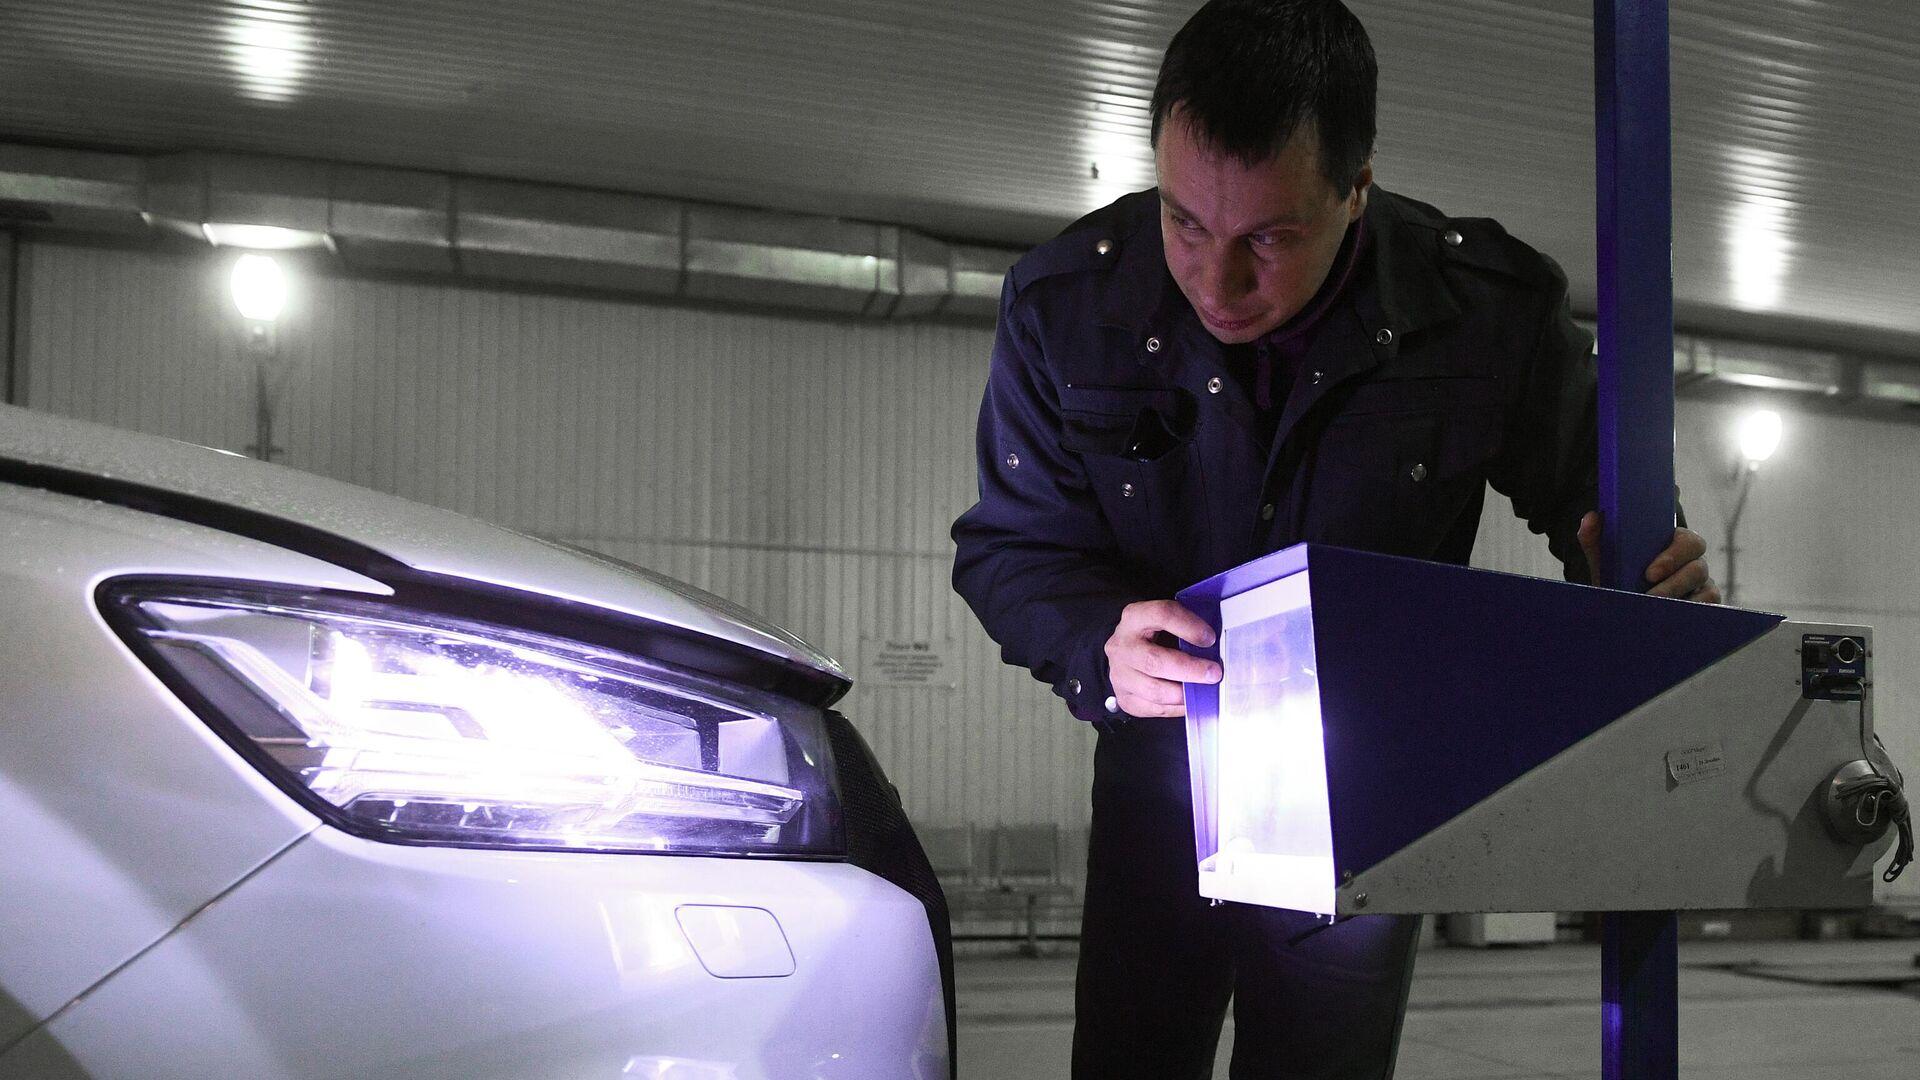 Технический эксперт проводит осмотр автомобиля на пункте техосмотра в Новосибирске - РИА Новости, 1920, 19.07.2021